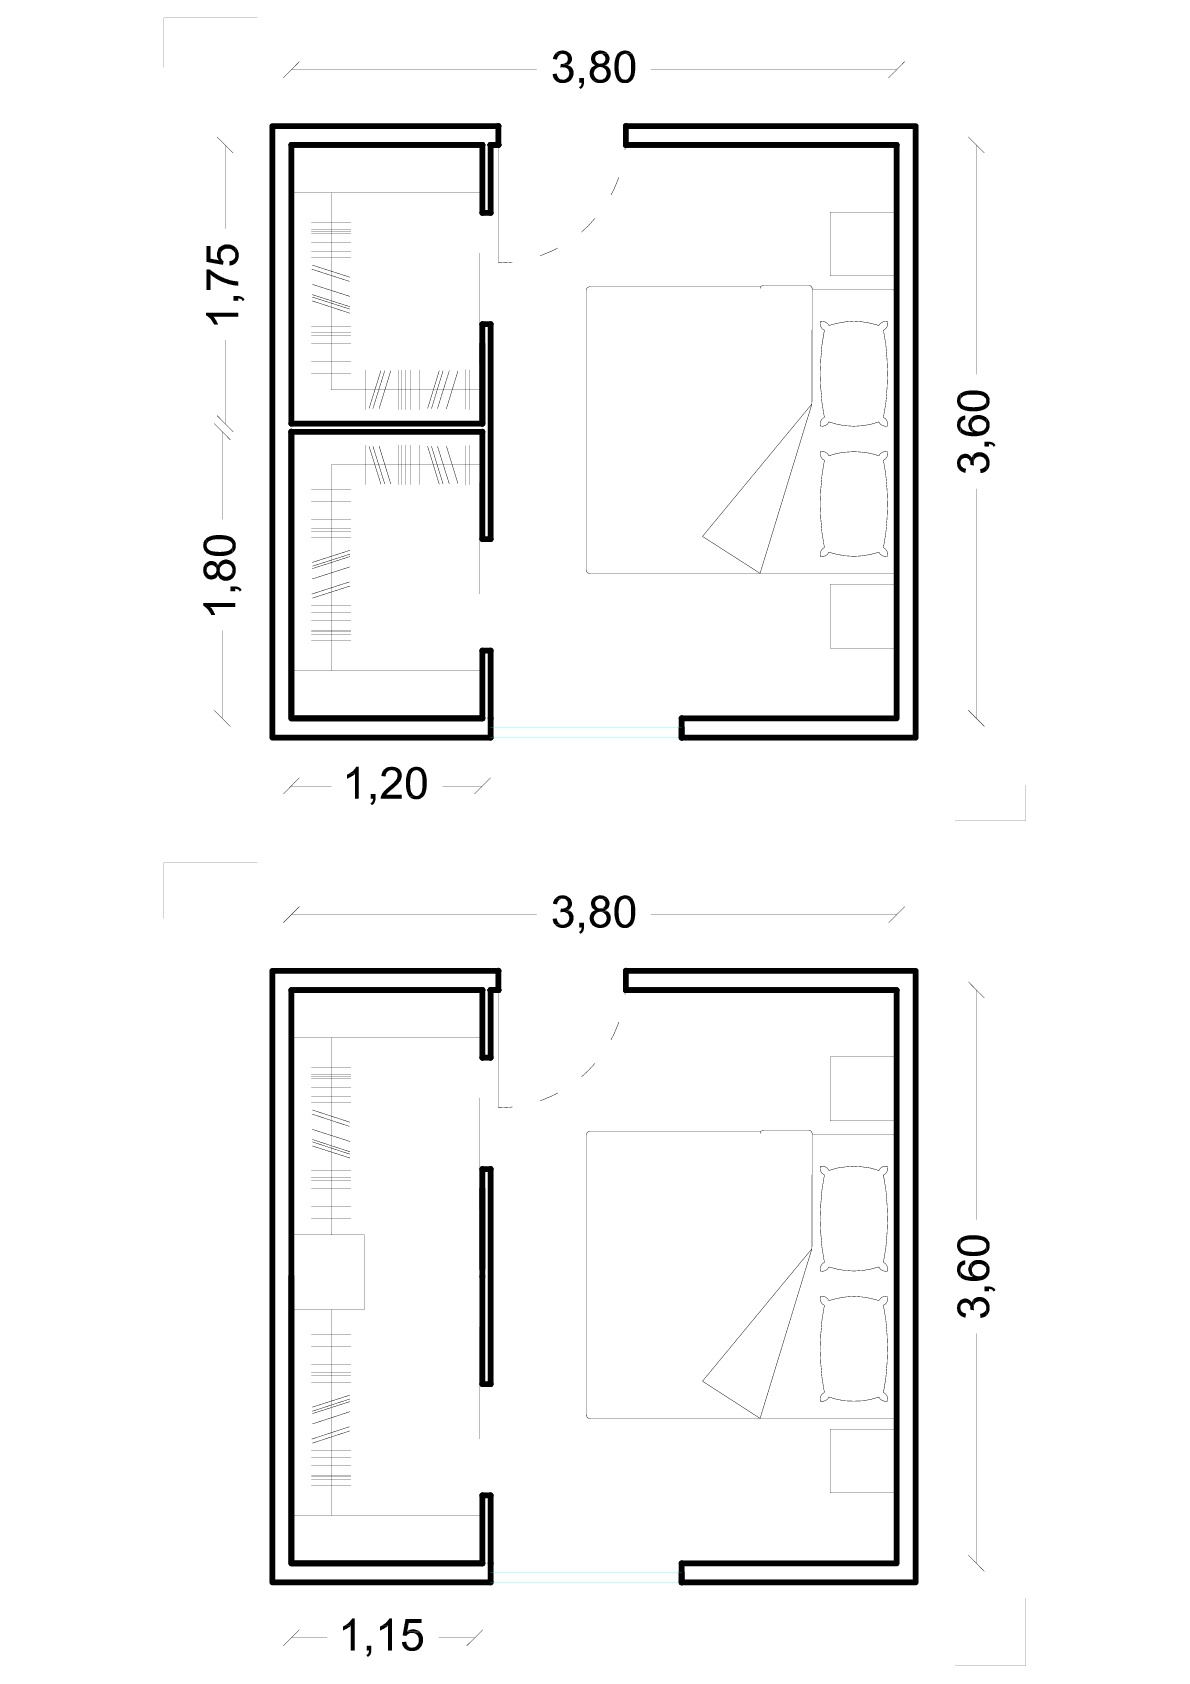 La cabina armadio dimensioni minime ed esempi ferdoge costruzioni - Camera da letto dimensioni ...